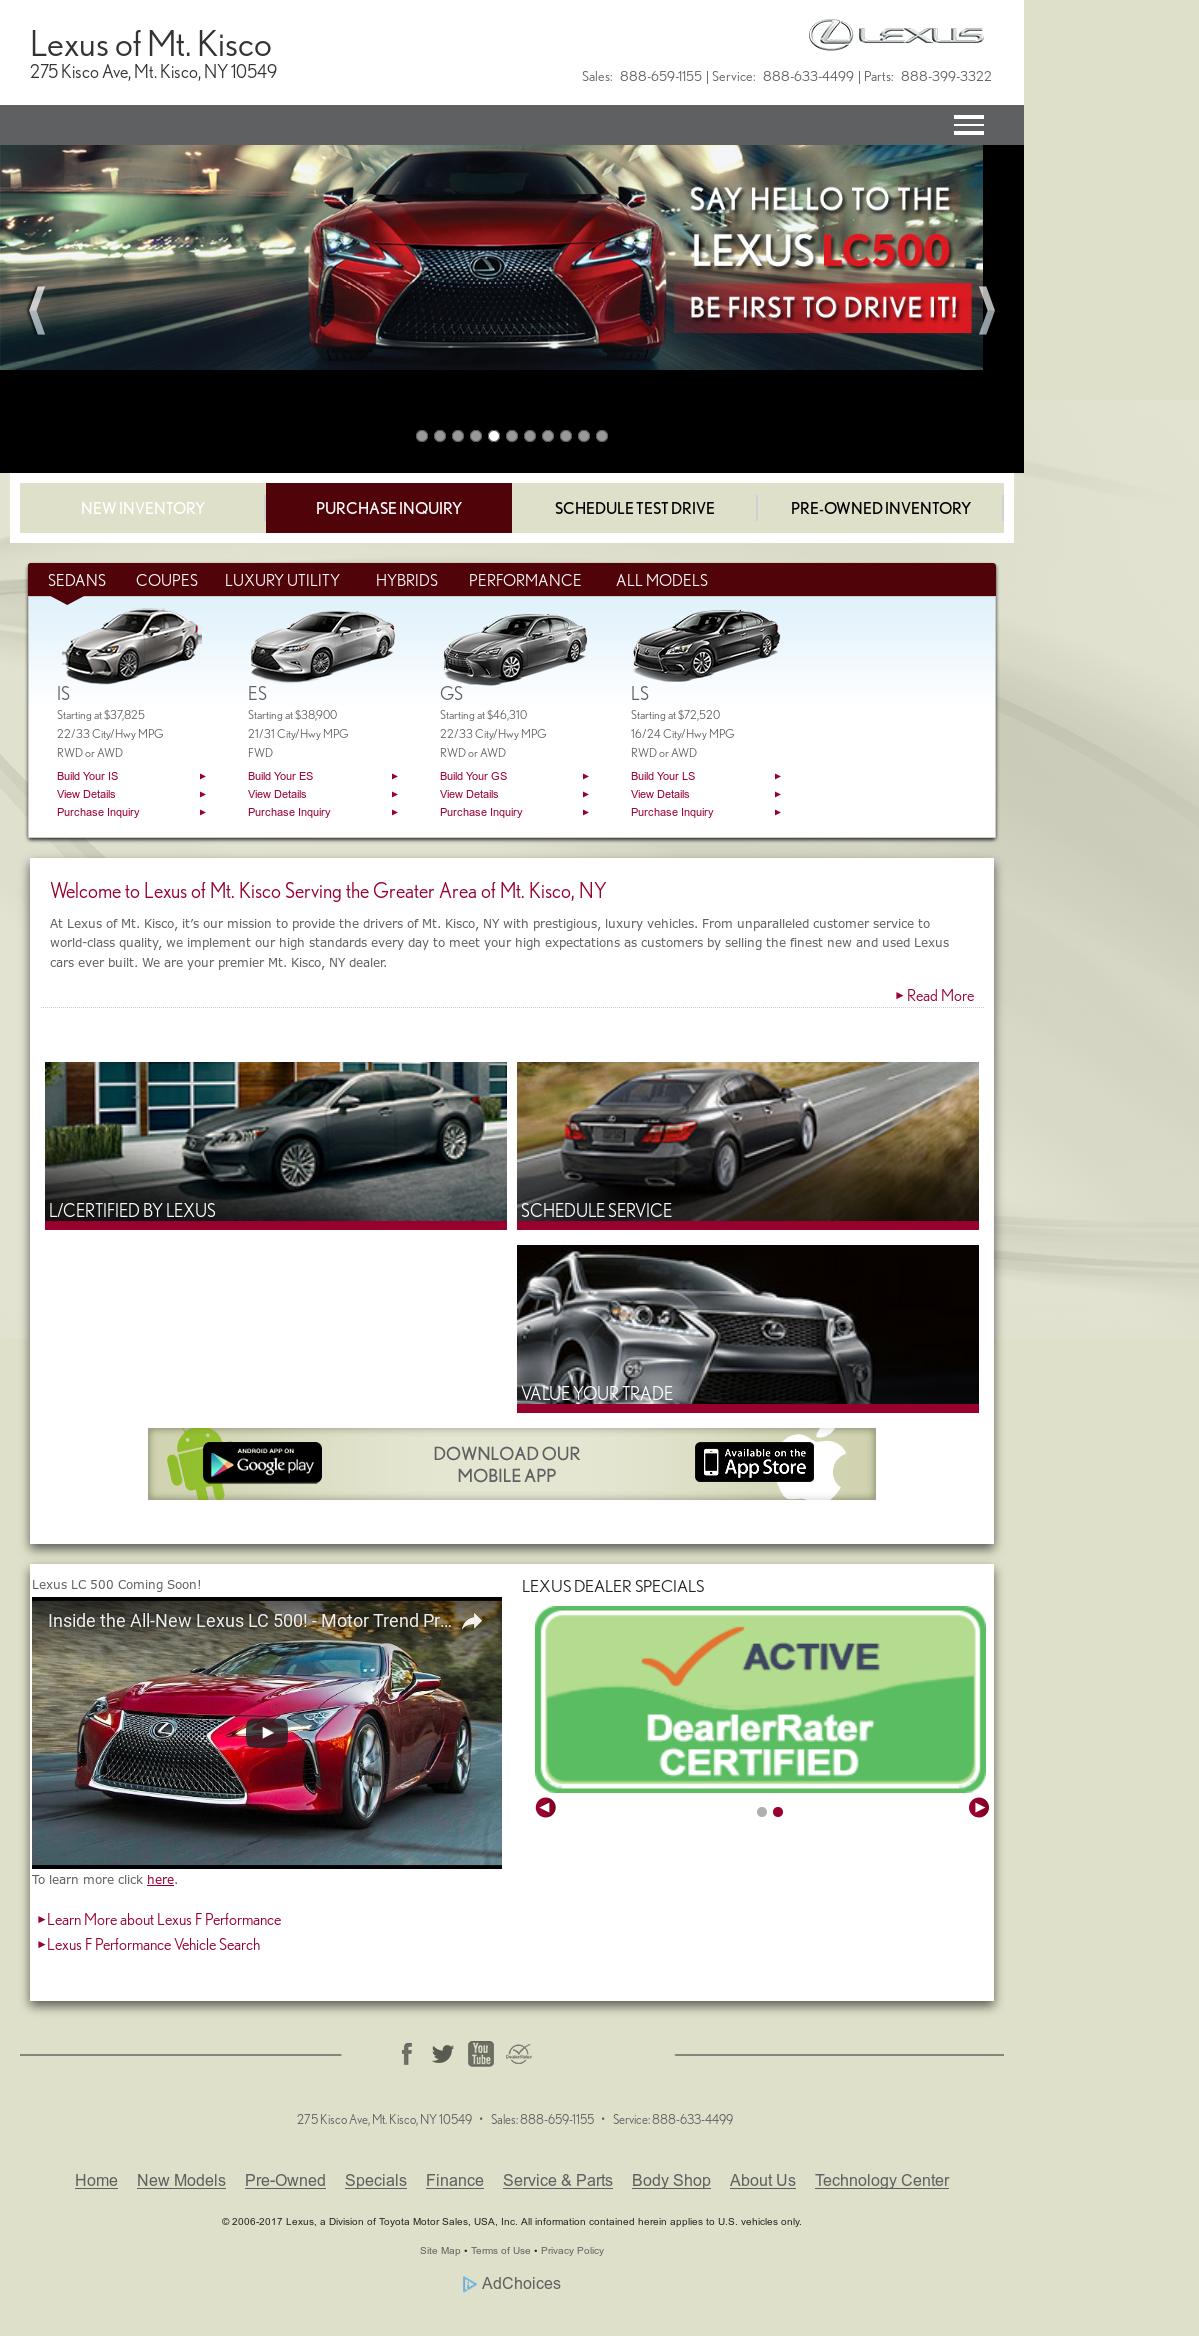 Lexus Of Mt. Kisco Website History